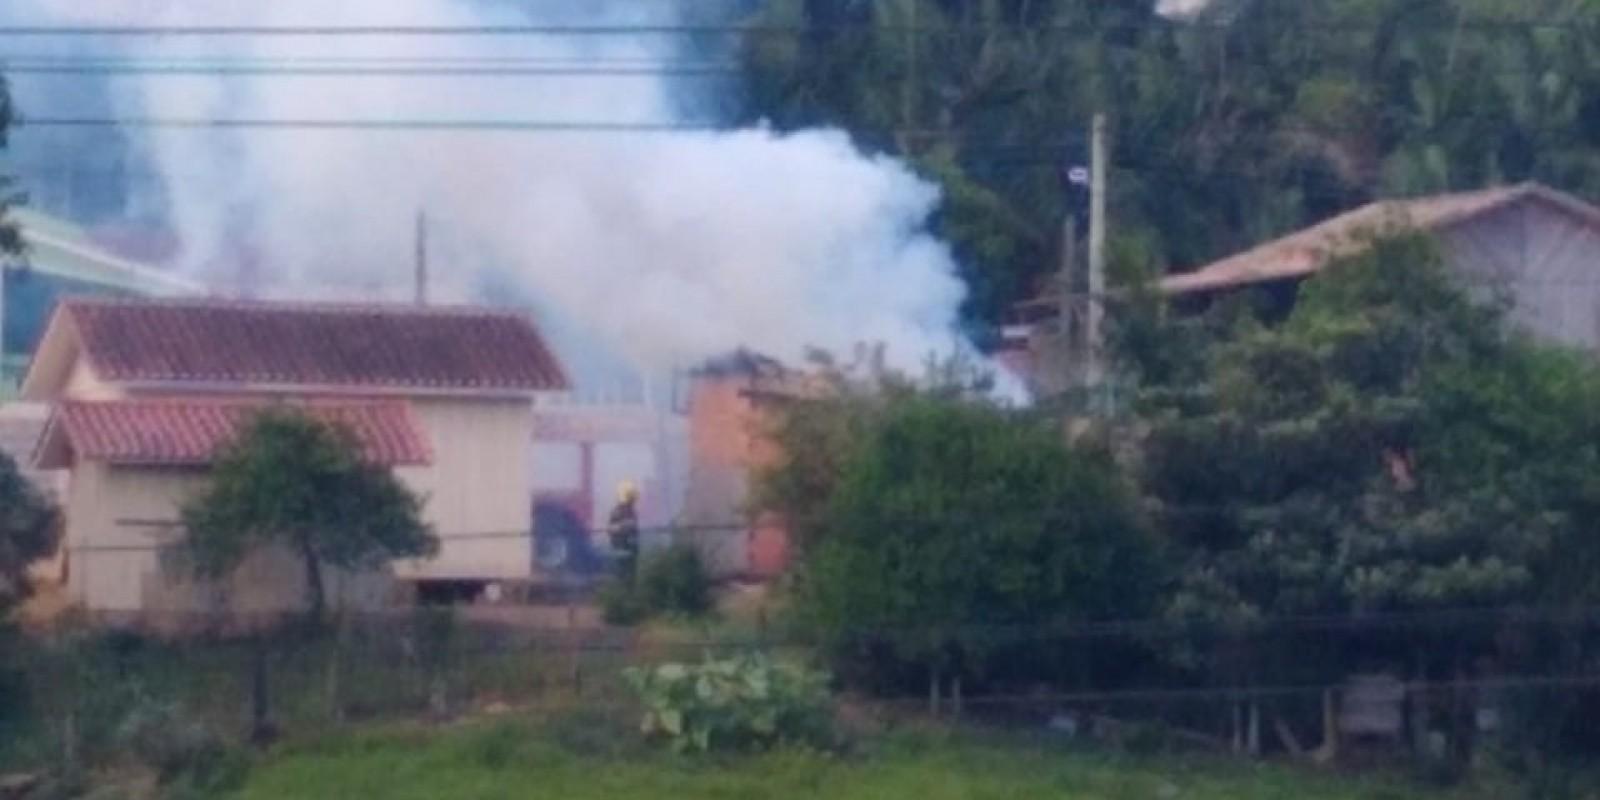 Bombeiros trabalham agora para combater incêndio no Bairro Divina Providência